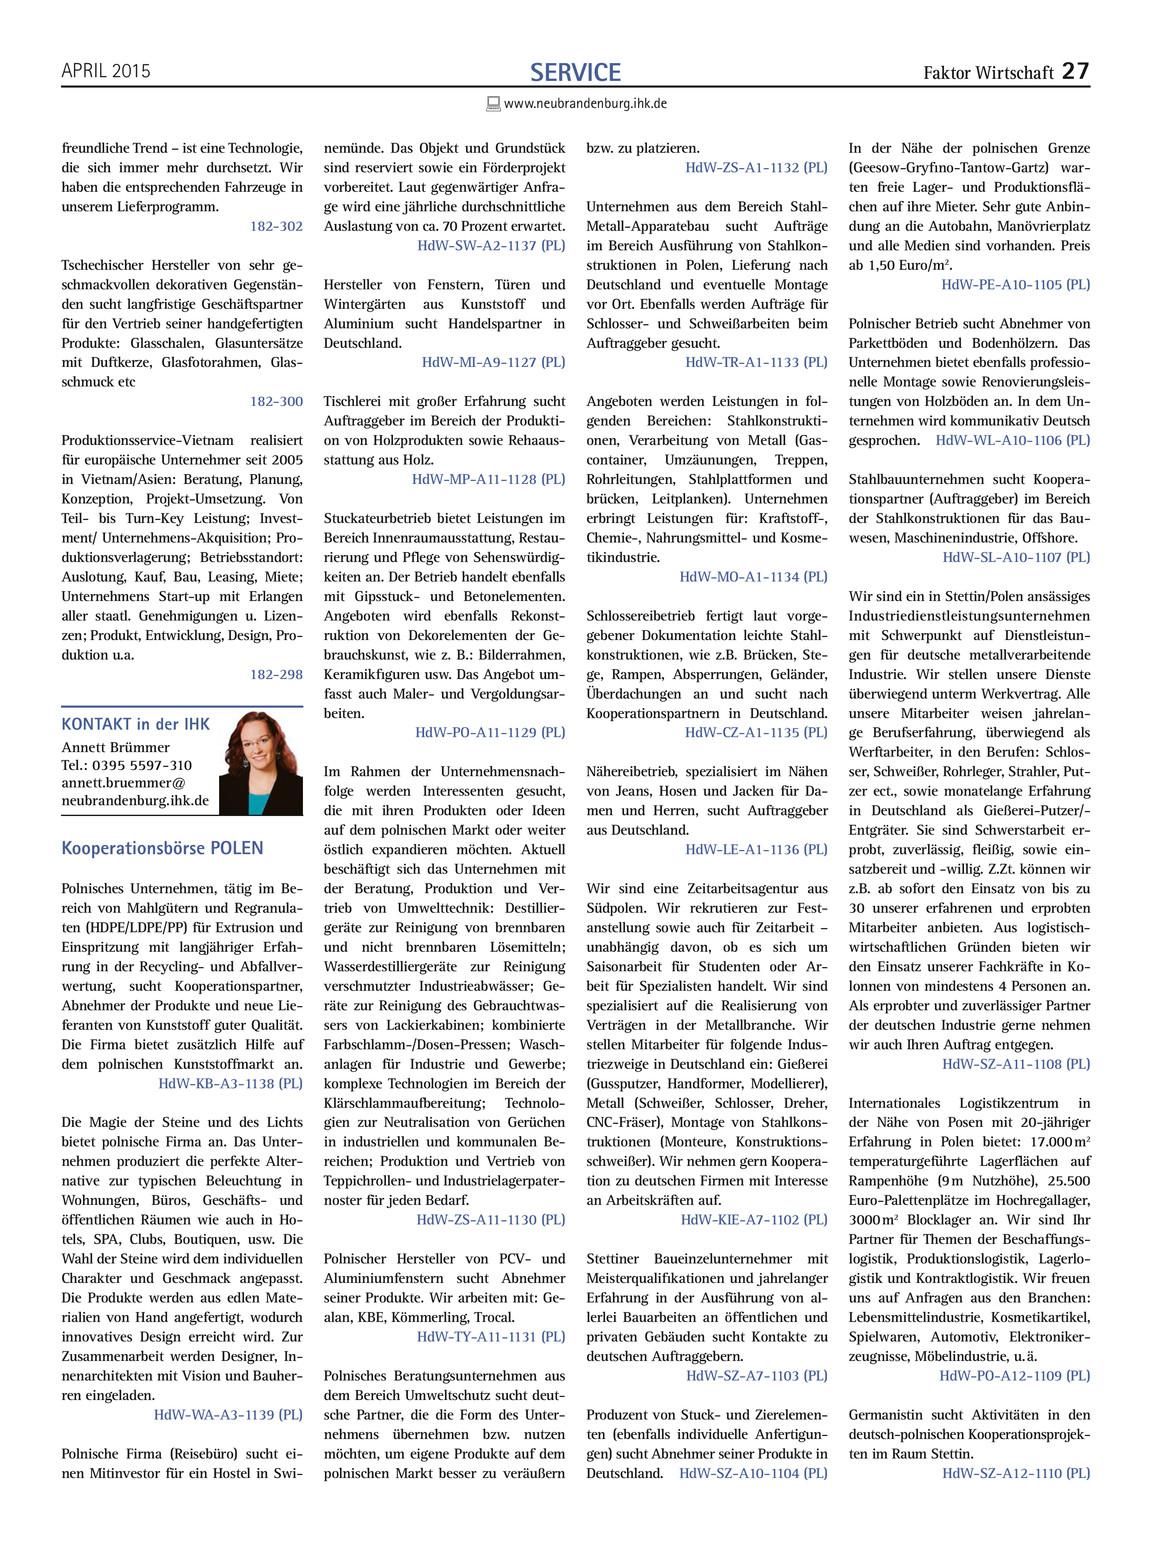 Faktor Wirtschaft 4 2015 Ihk Neubrandenburg